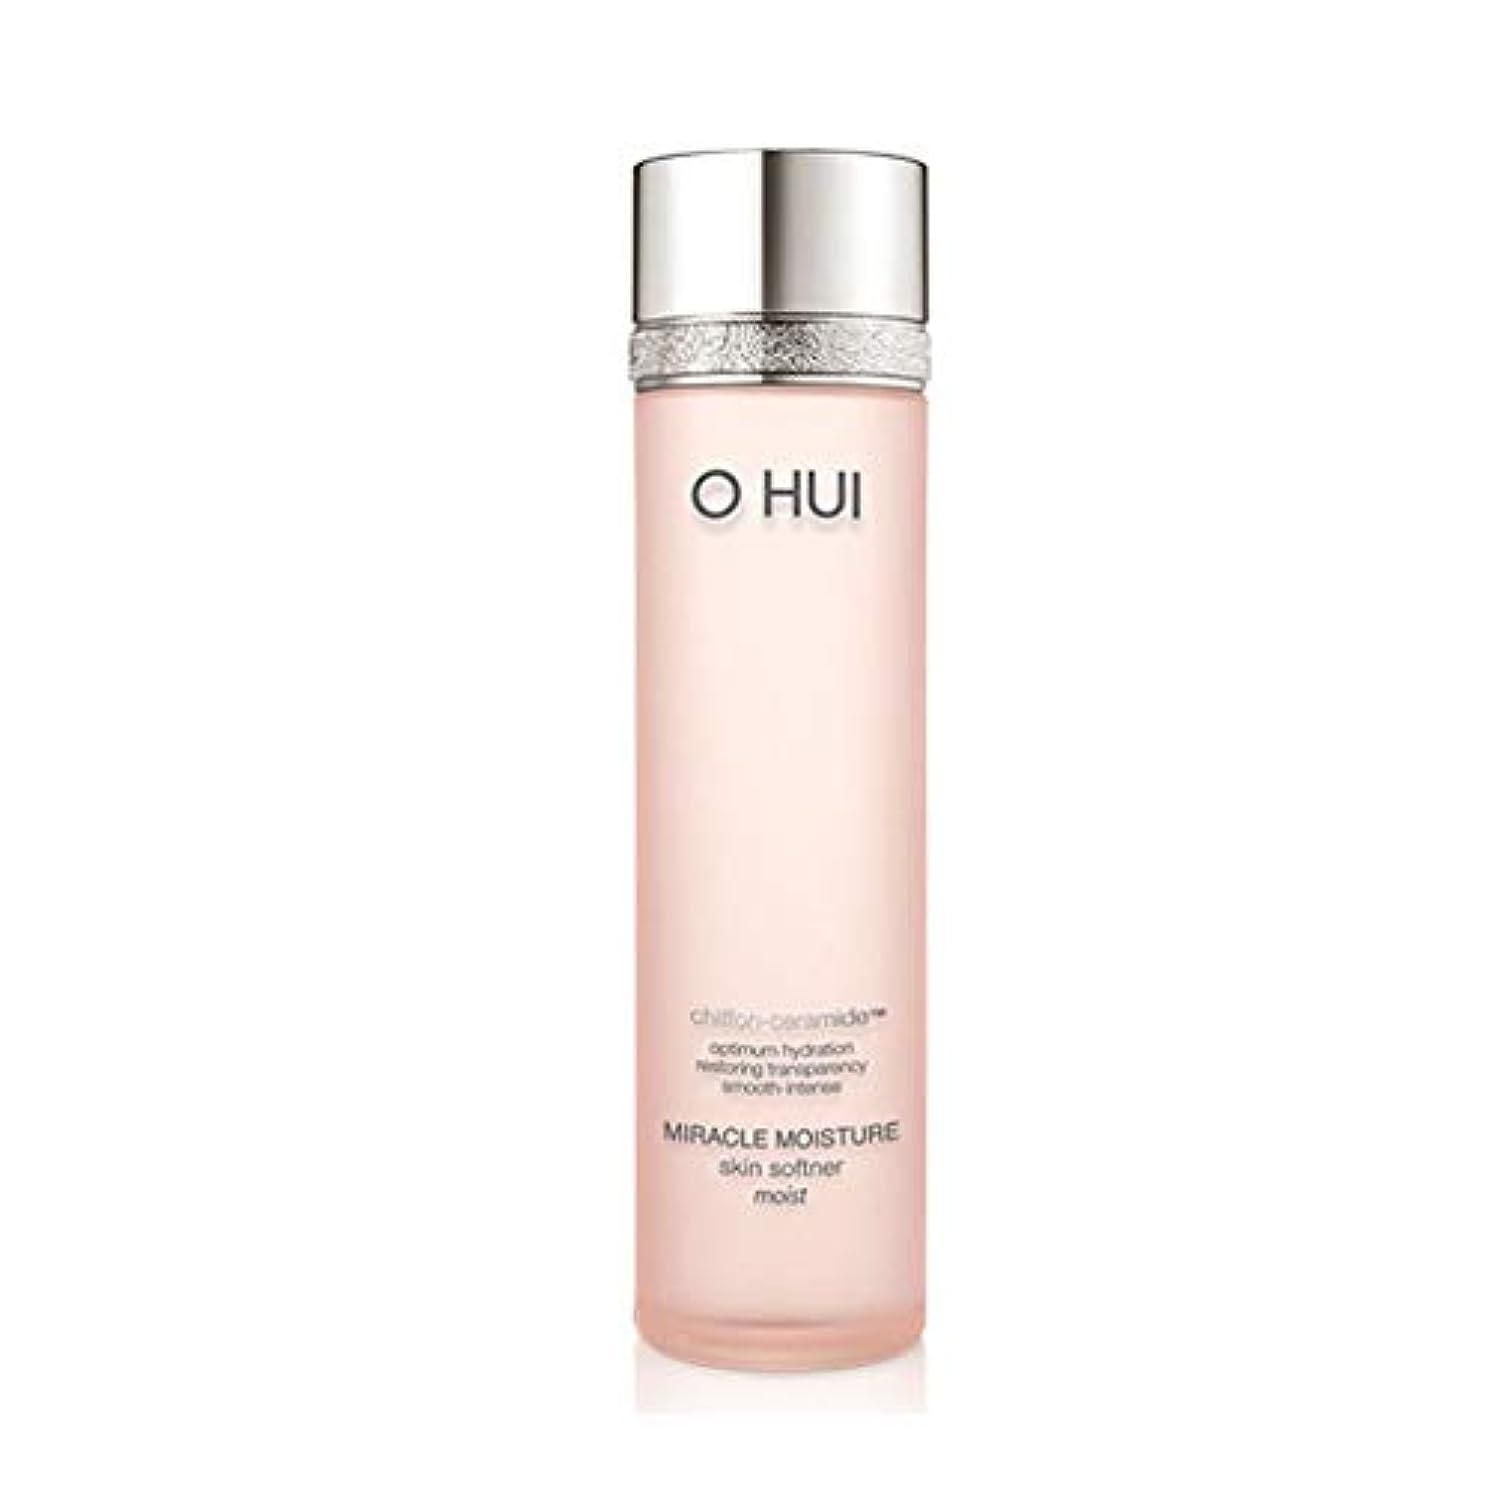 オフィミラクルモイスチャースキンソフナー150ml、O Hui Miracle Moisture Skin Softener 150ml [並行輸入品]